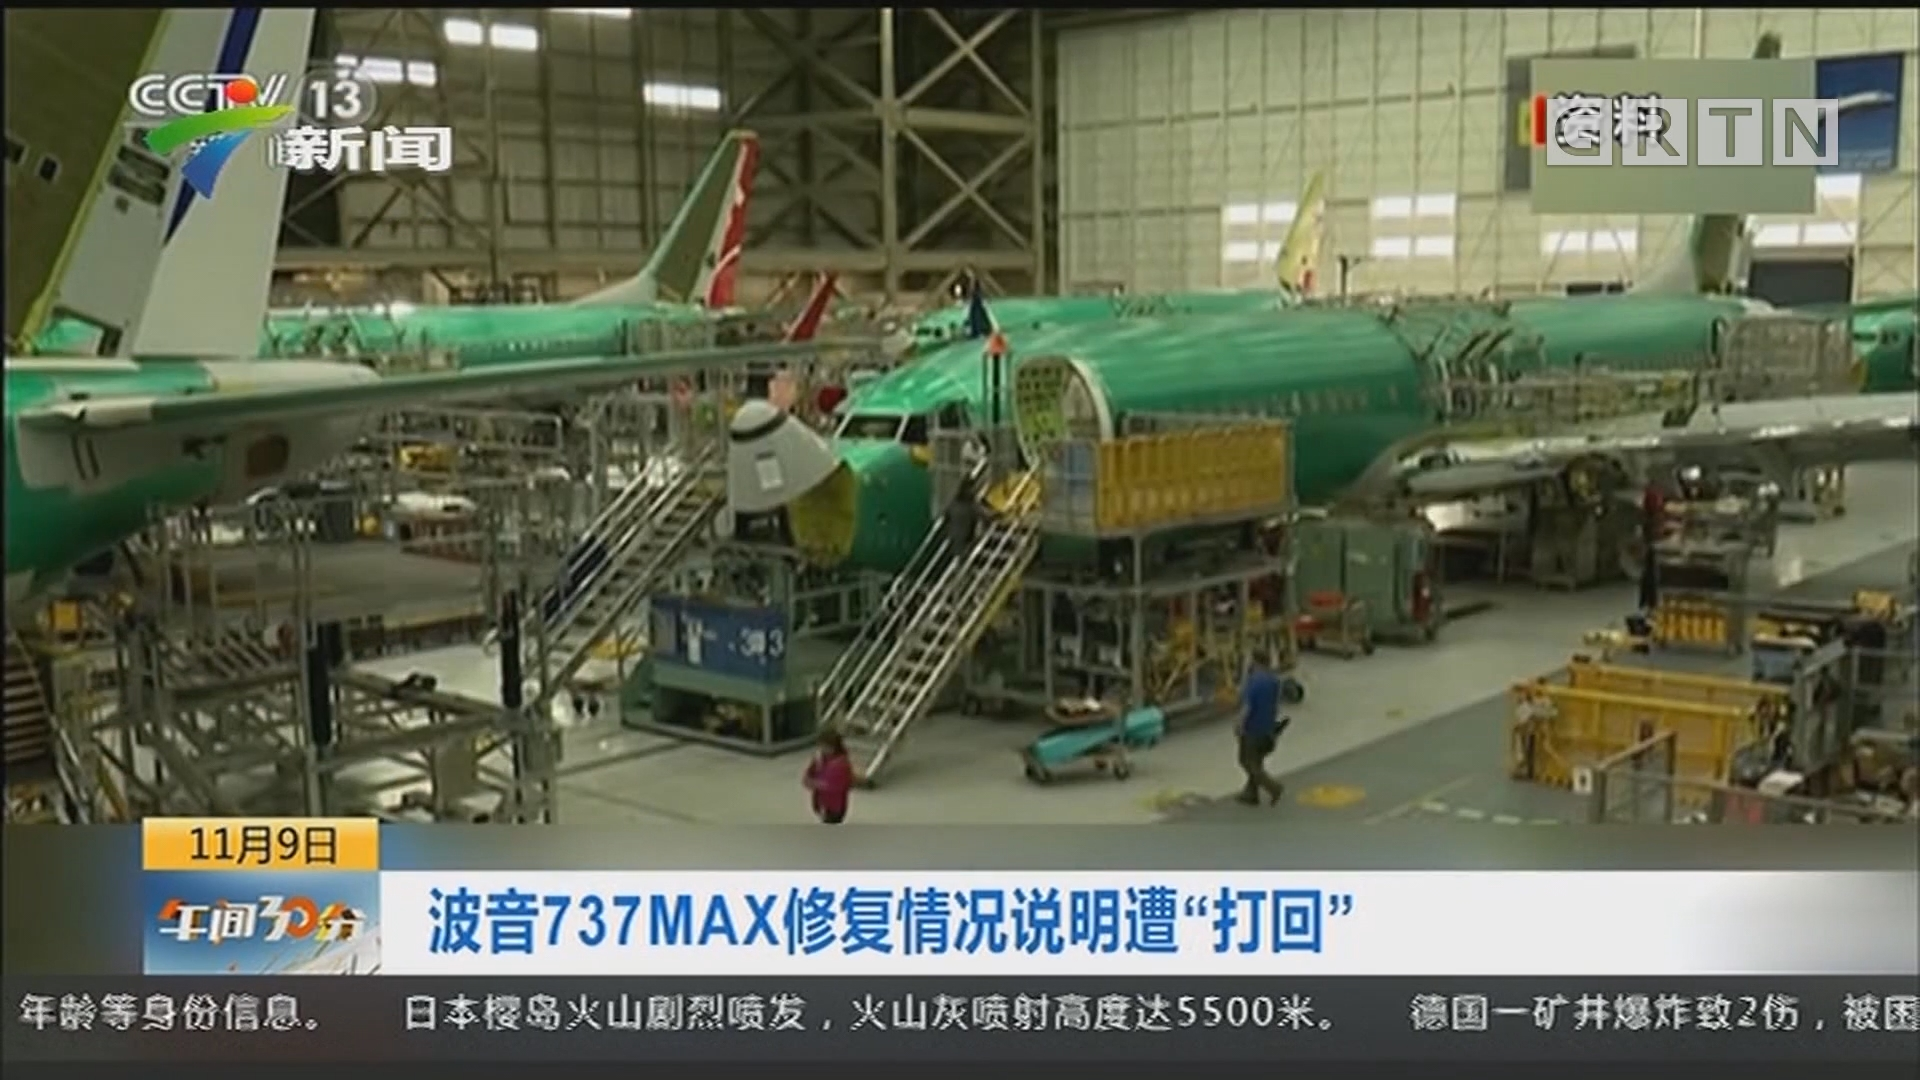 """波音737MAX修复情况说明遭""""打回"""""""